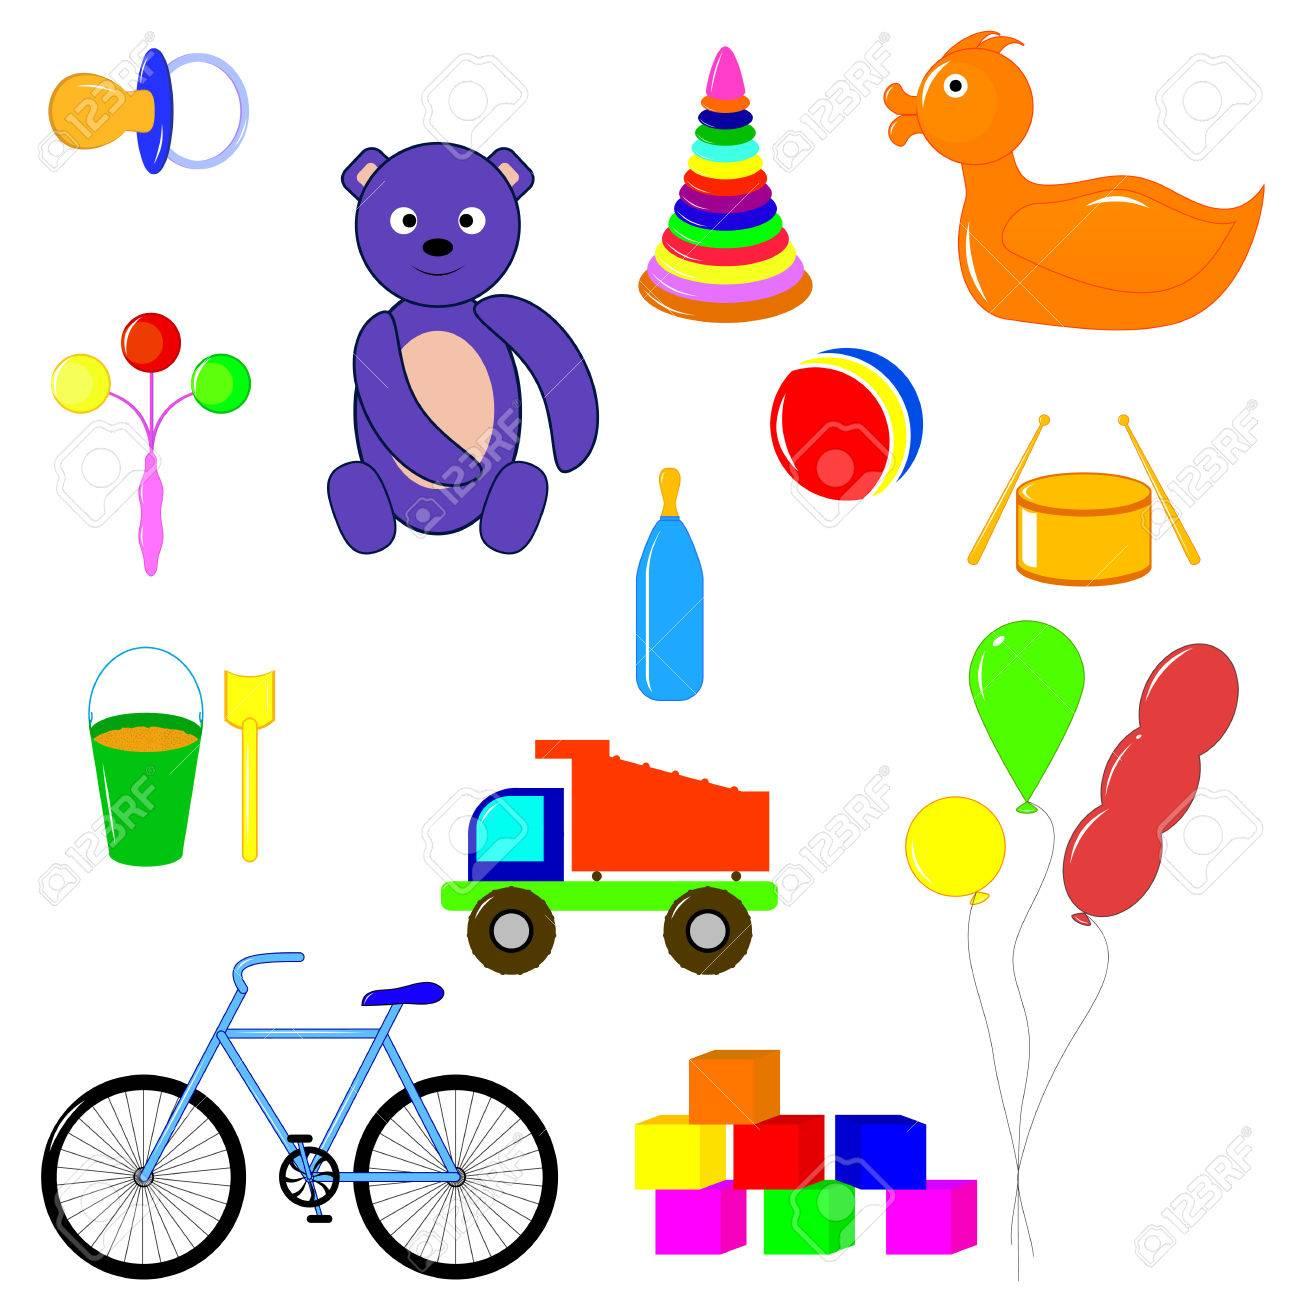 5fce6dc2f4 Archivio Fotografico - Oggetti per bambini e giocattoli per i bambini di  età diverse